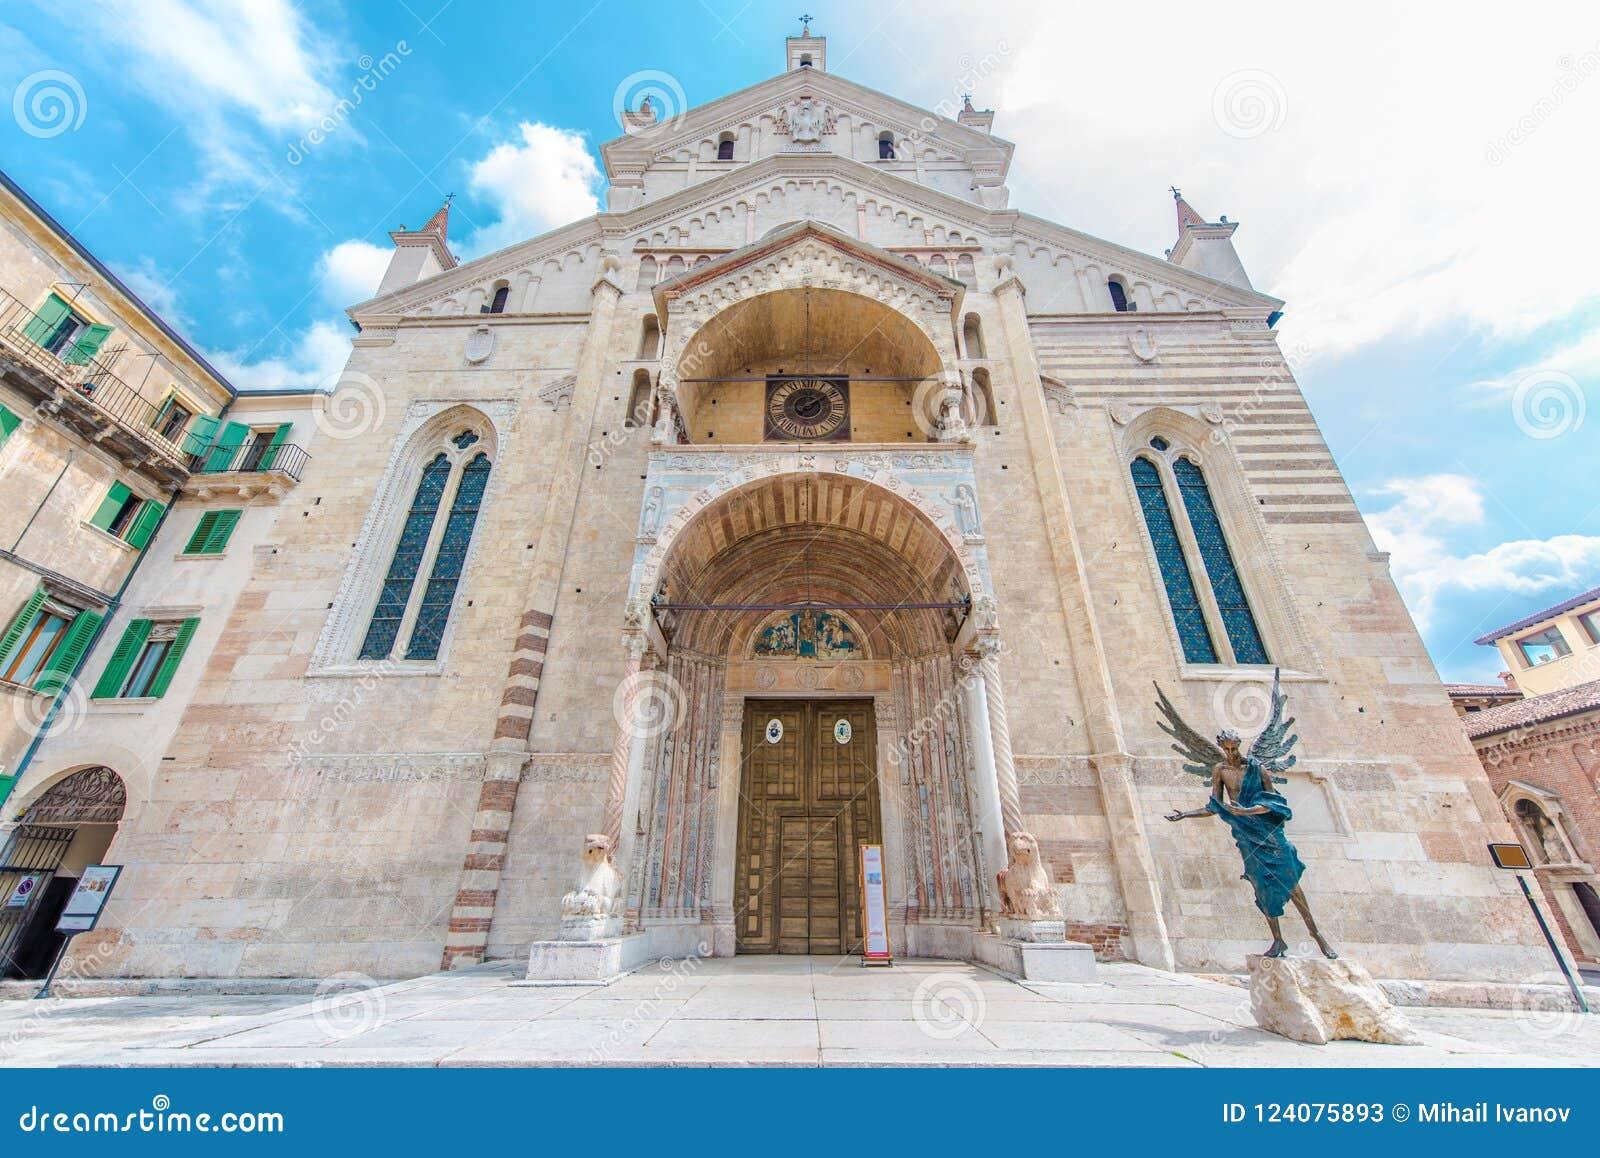 Basilica di San Zeno, Verona, Italia